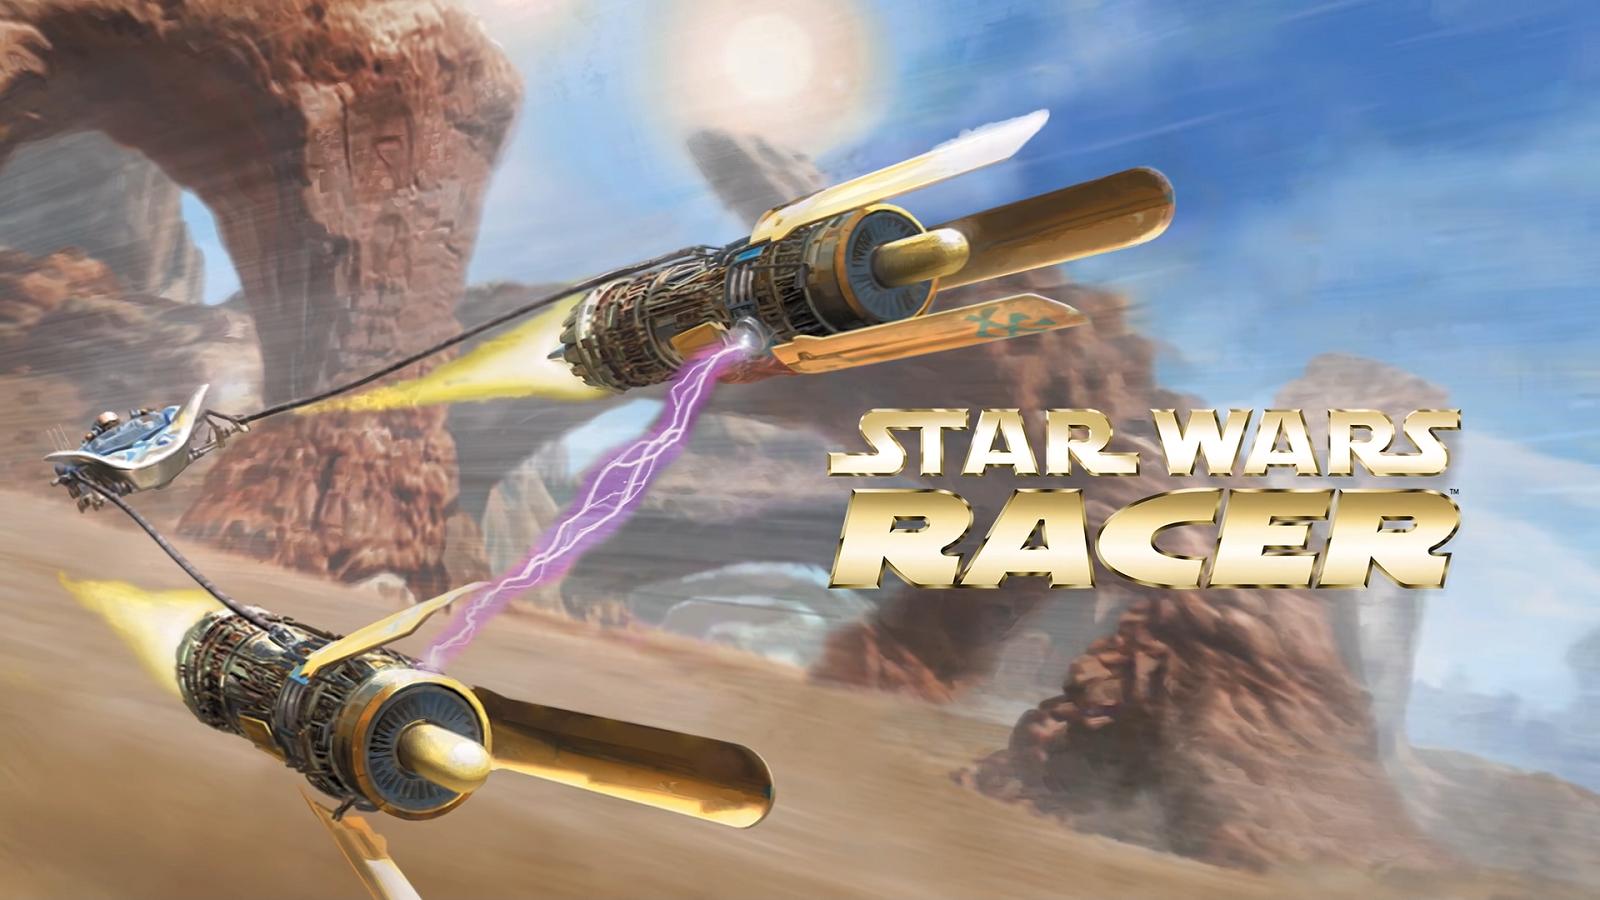 Релиз ремастера Star Wars Episode I: Racer снова перенесли за день до выхода игры